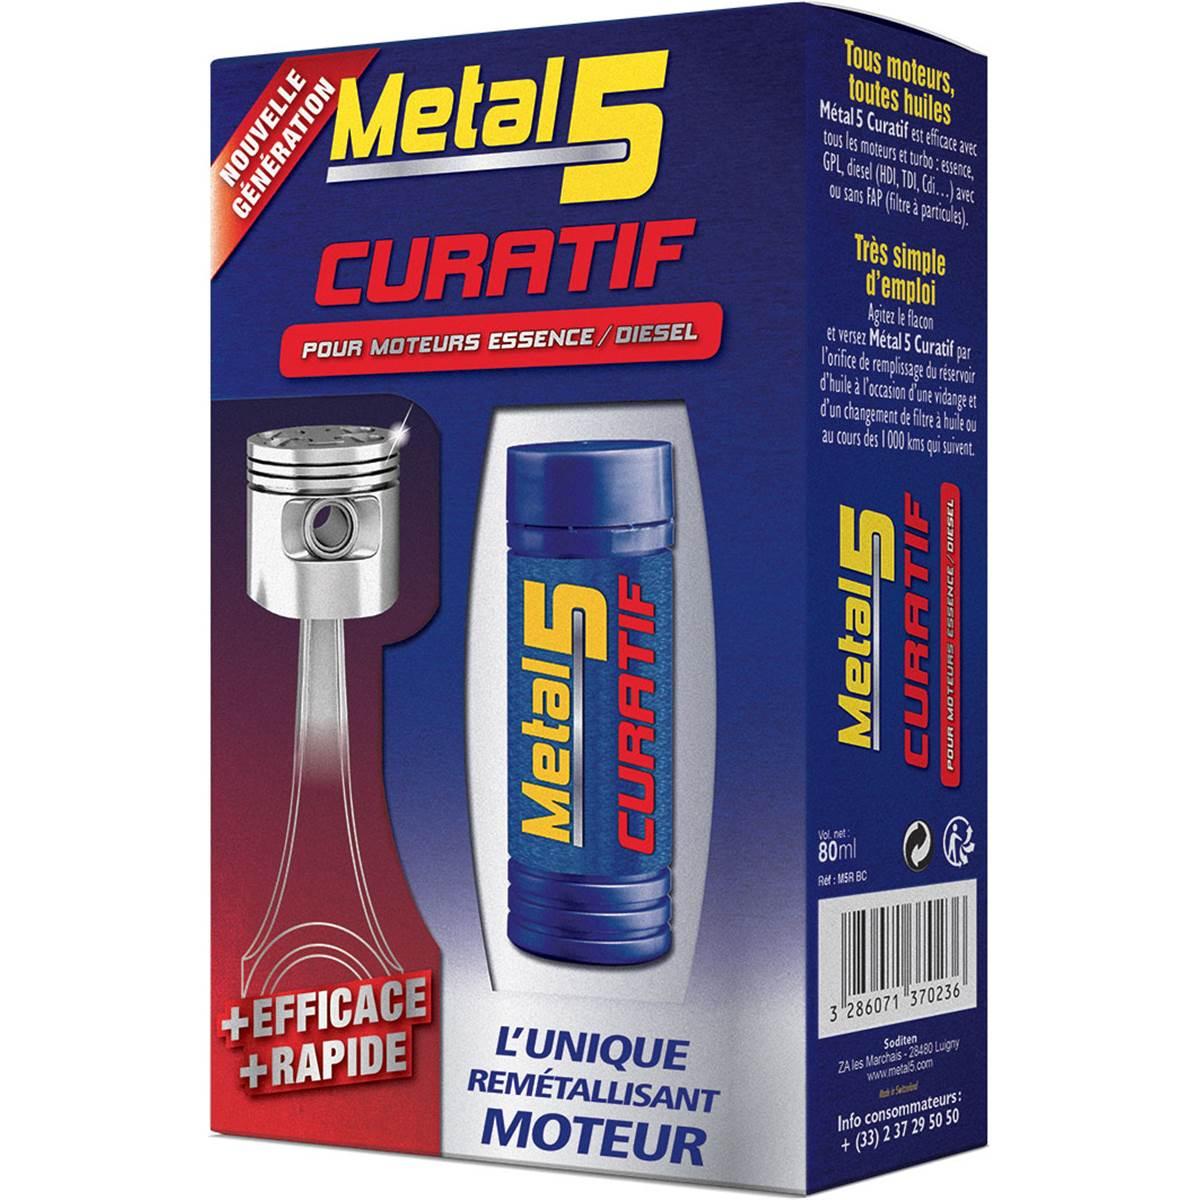 METAL 5 Curatif 80ml